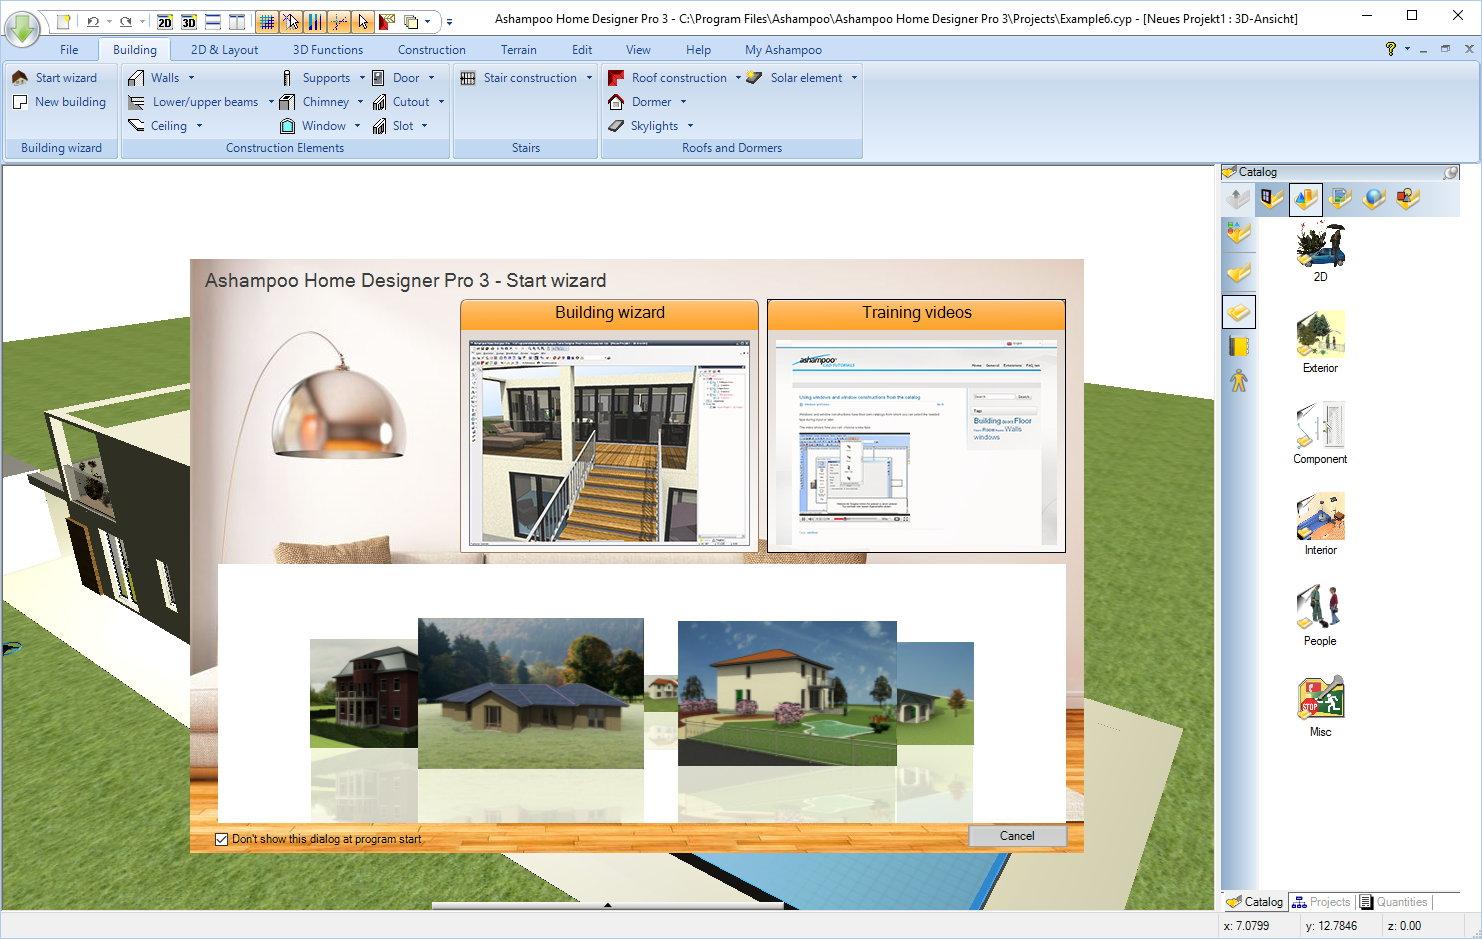 ashampoo home designer pro 3 overview - Home Designer